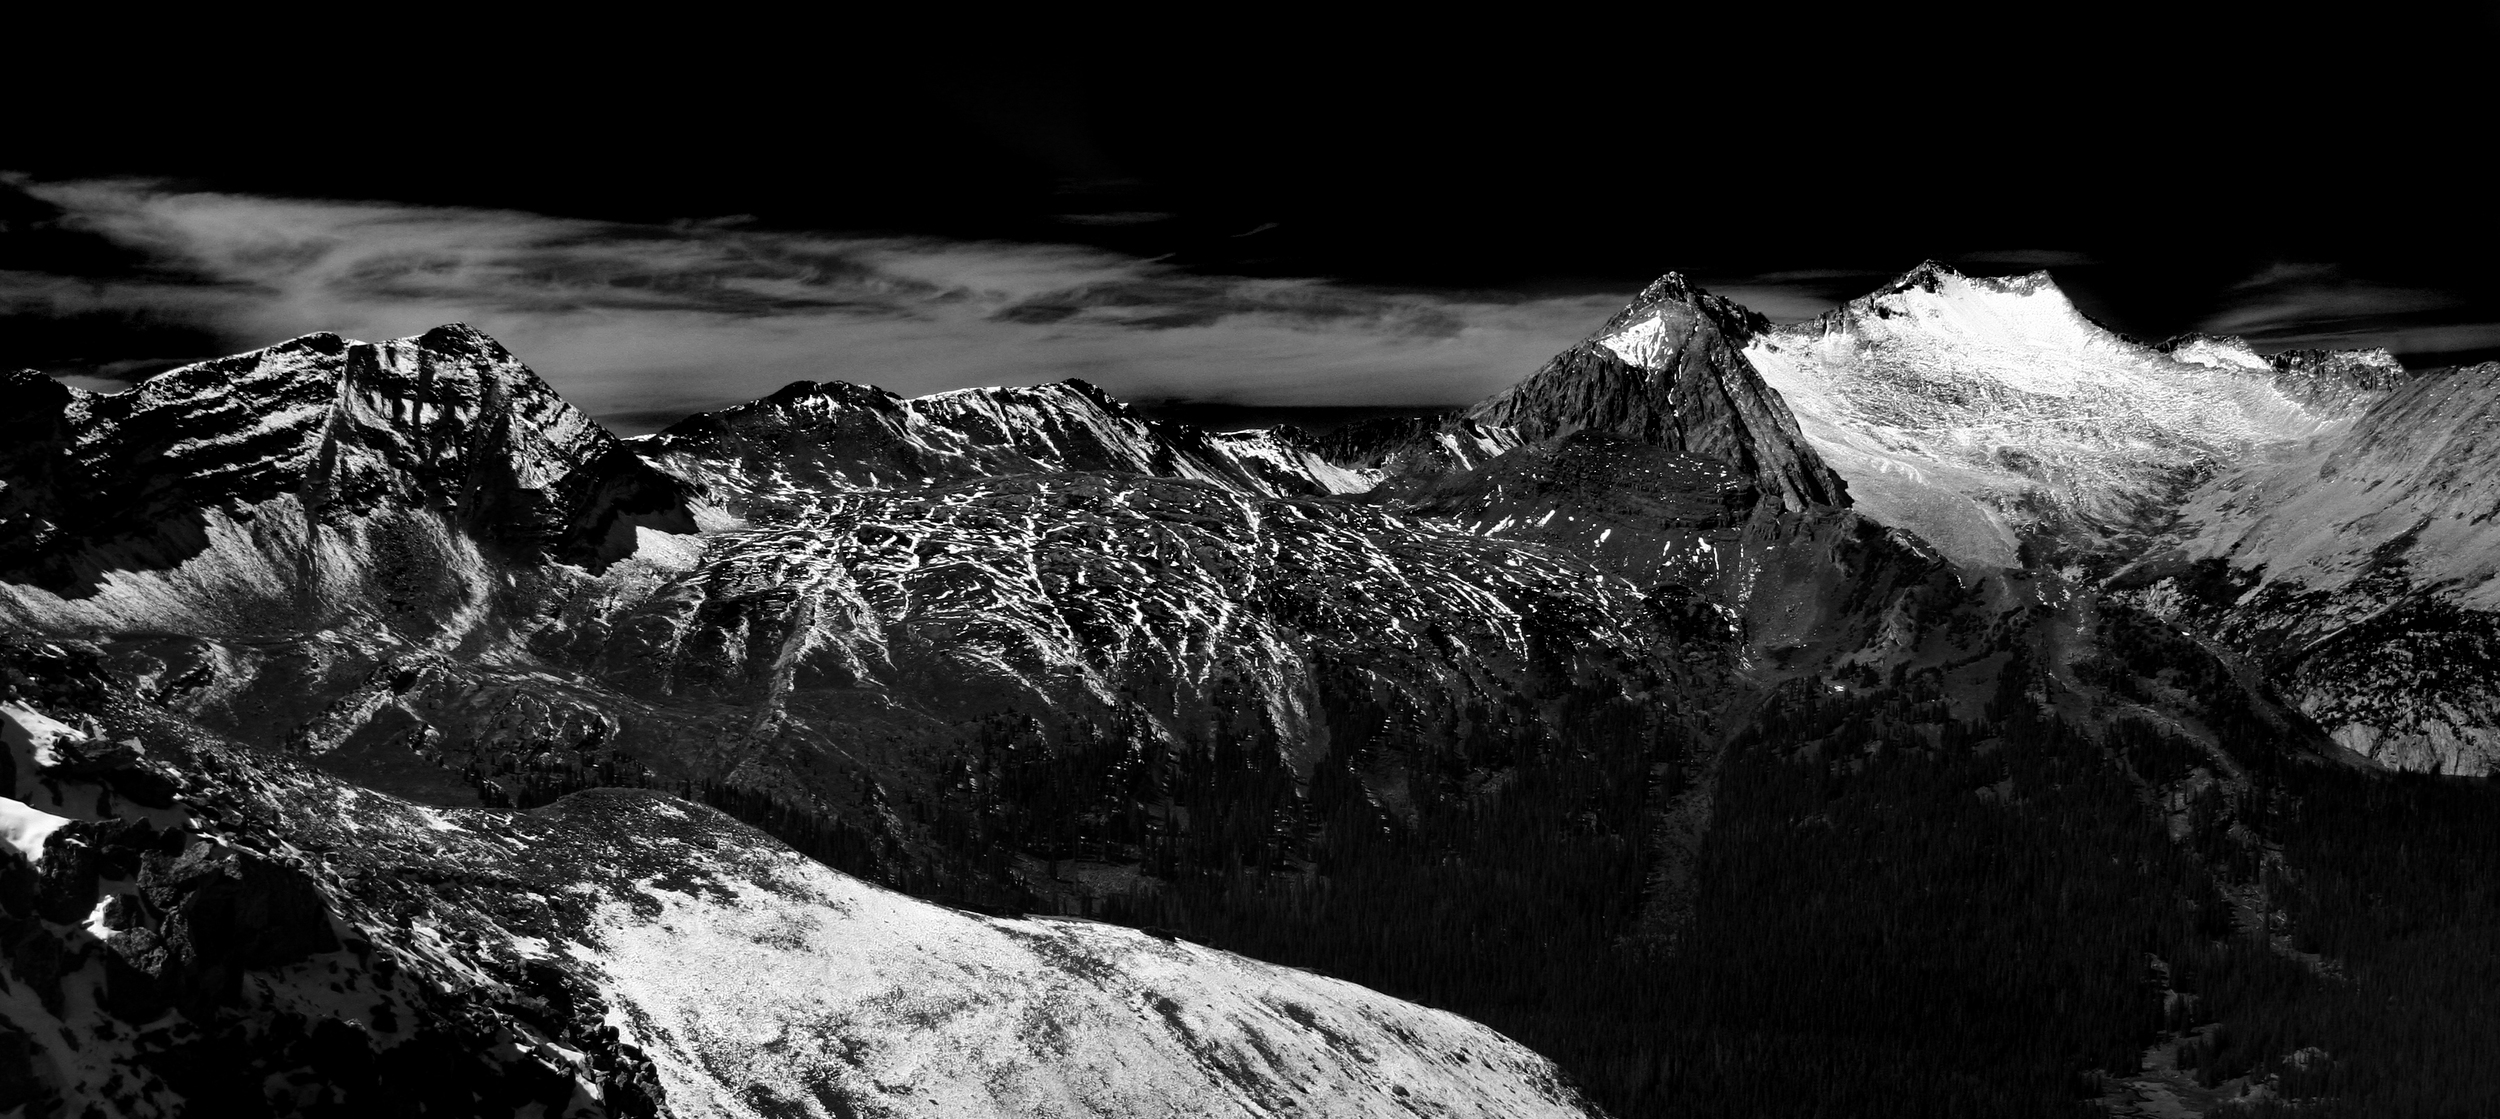 Snowmass Peak from Buckskin Pass